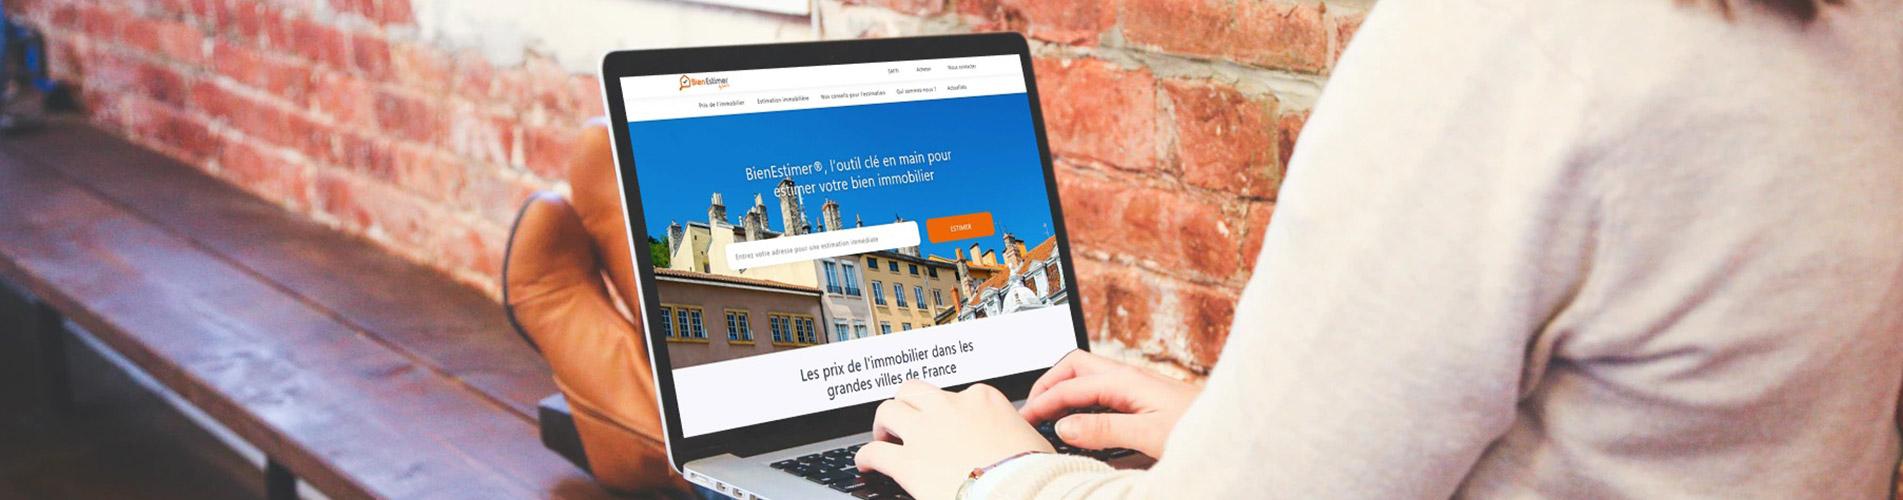 Comment estimer son appartement en ligne